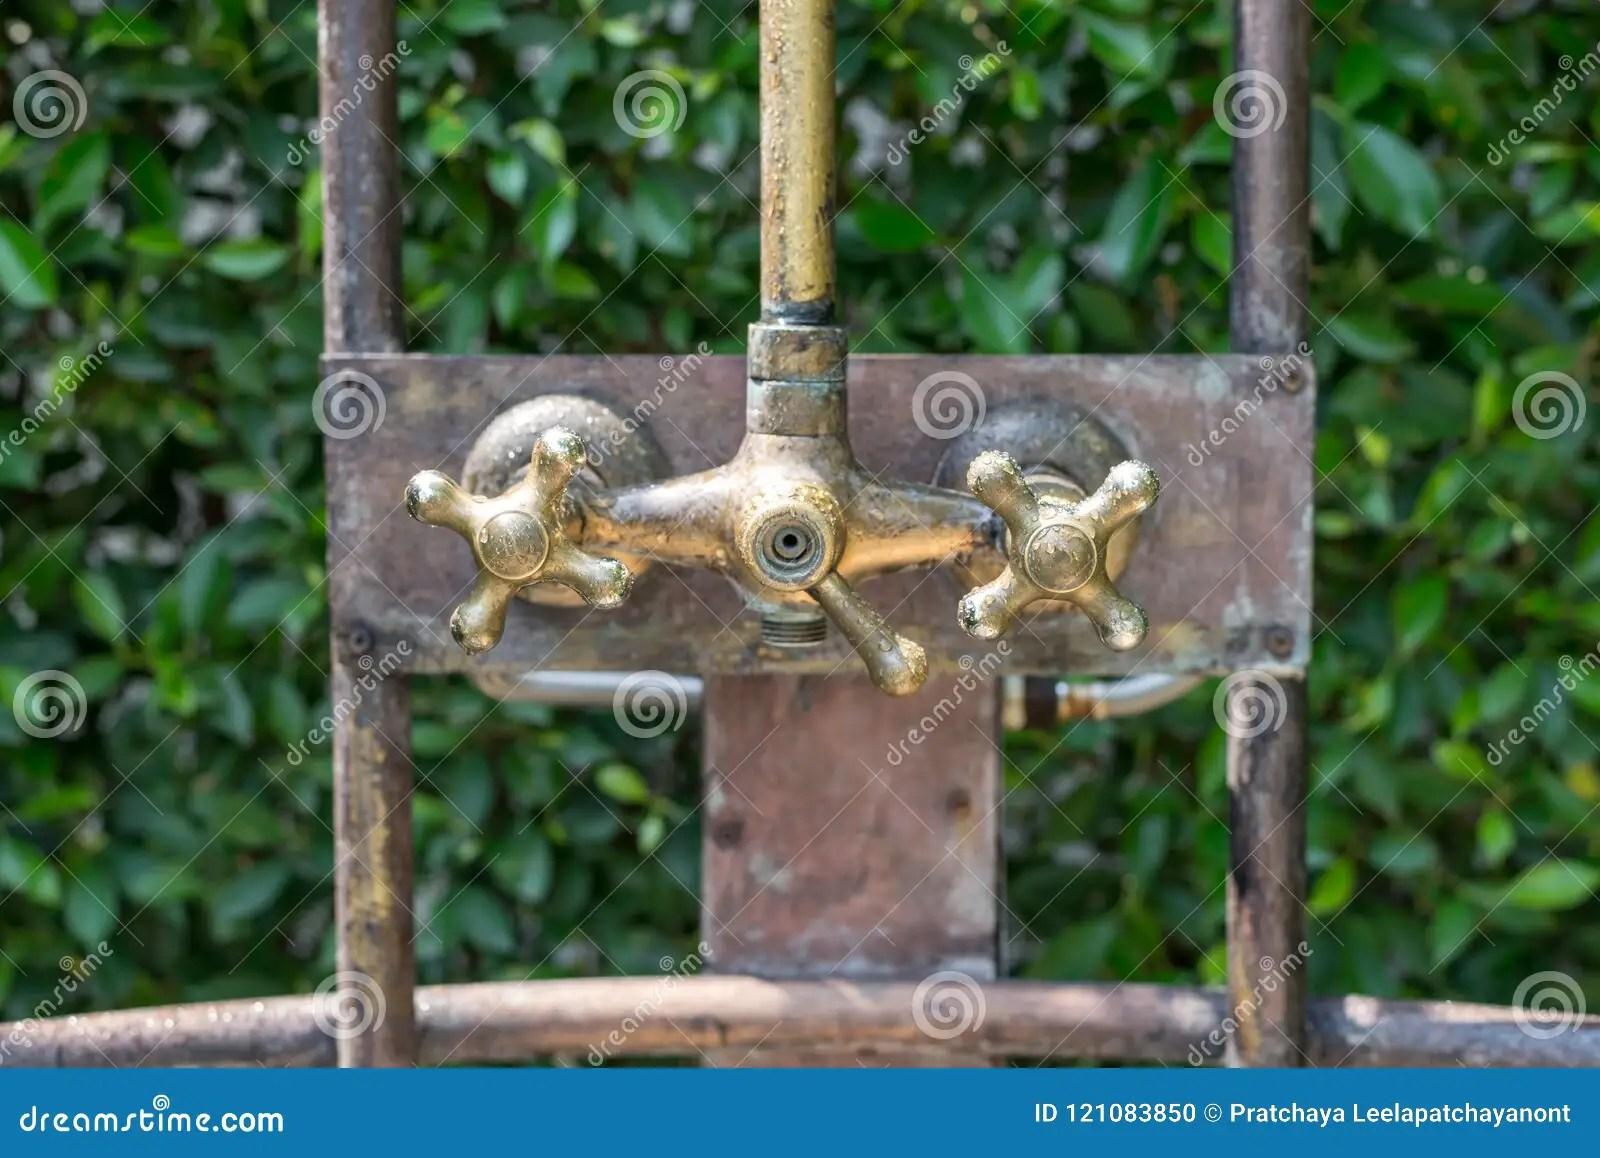 https www dreamstime com vintage bronze shower faucet hot cold water vintage bronze shower faucet hot cold water outdoor image121083850